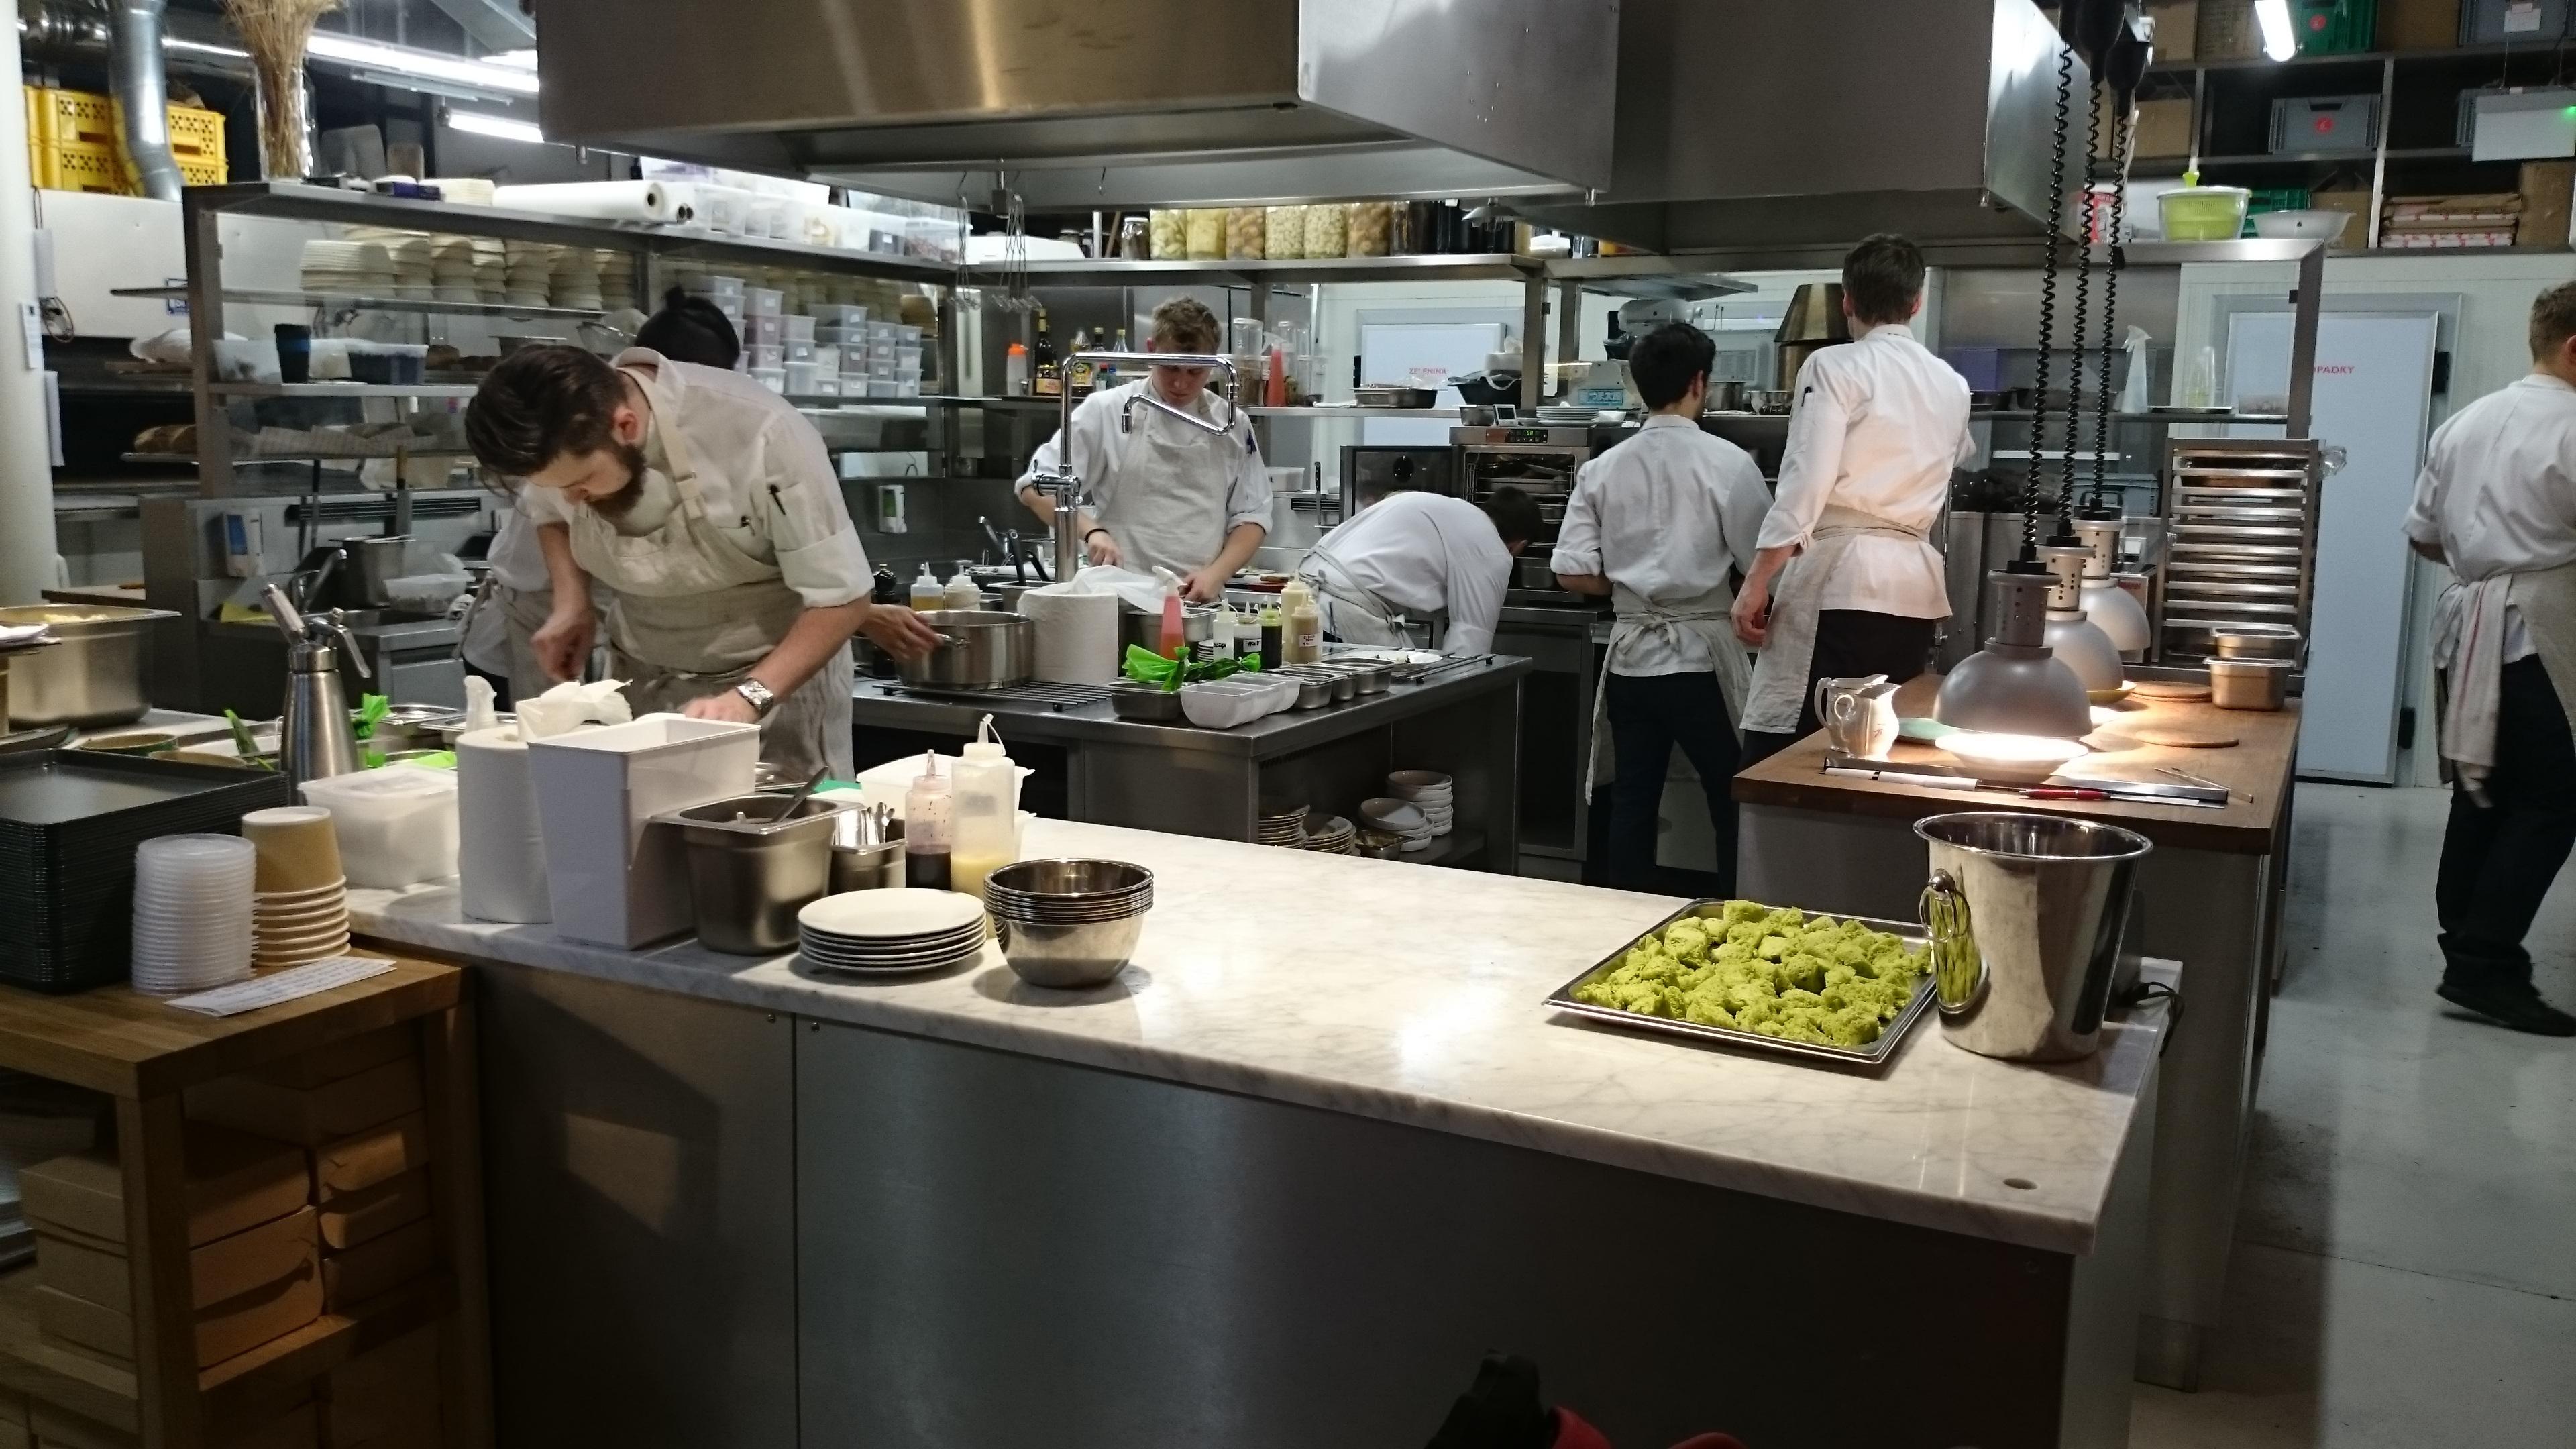 Restoran Hidangan Makan Makanan Dapur Masakan Toko Roti Koki Merasakan